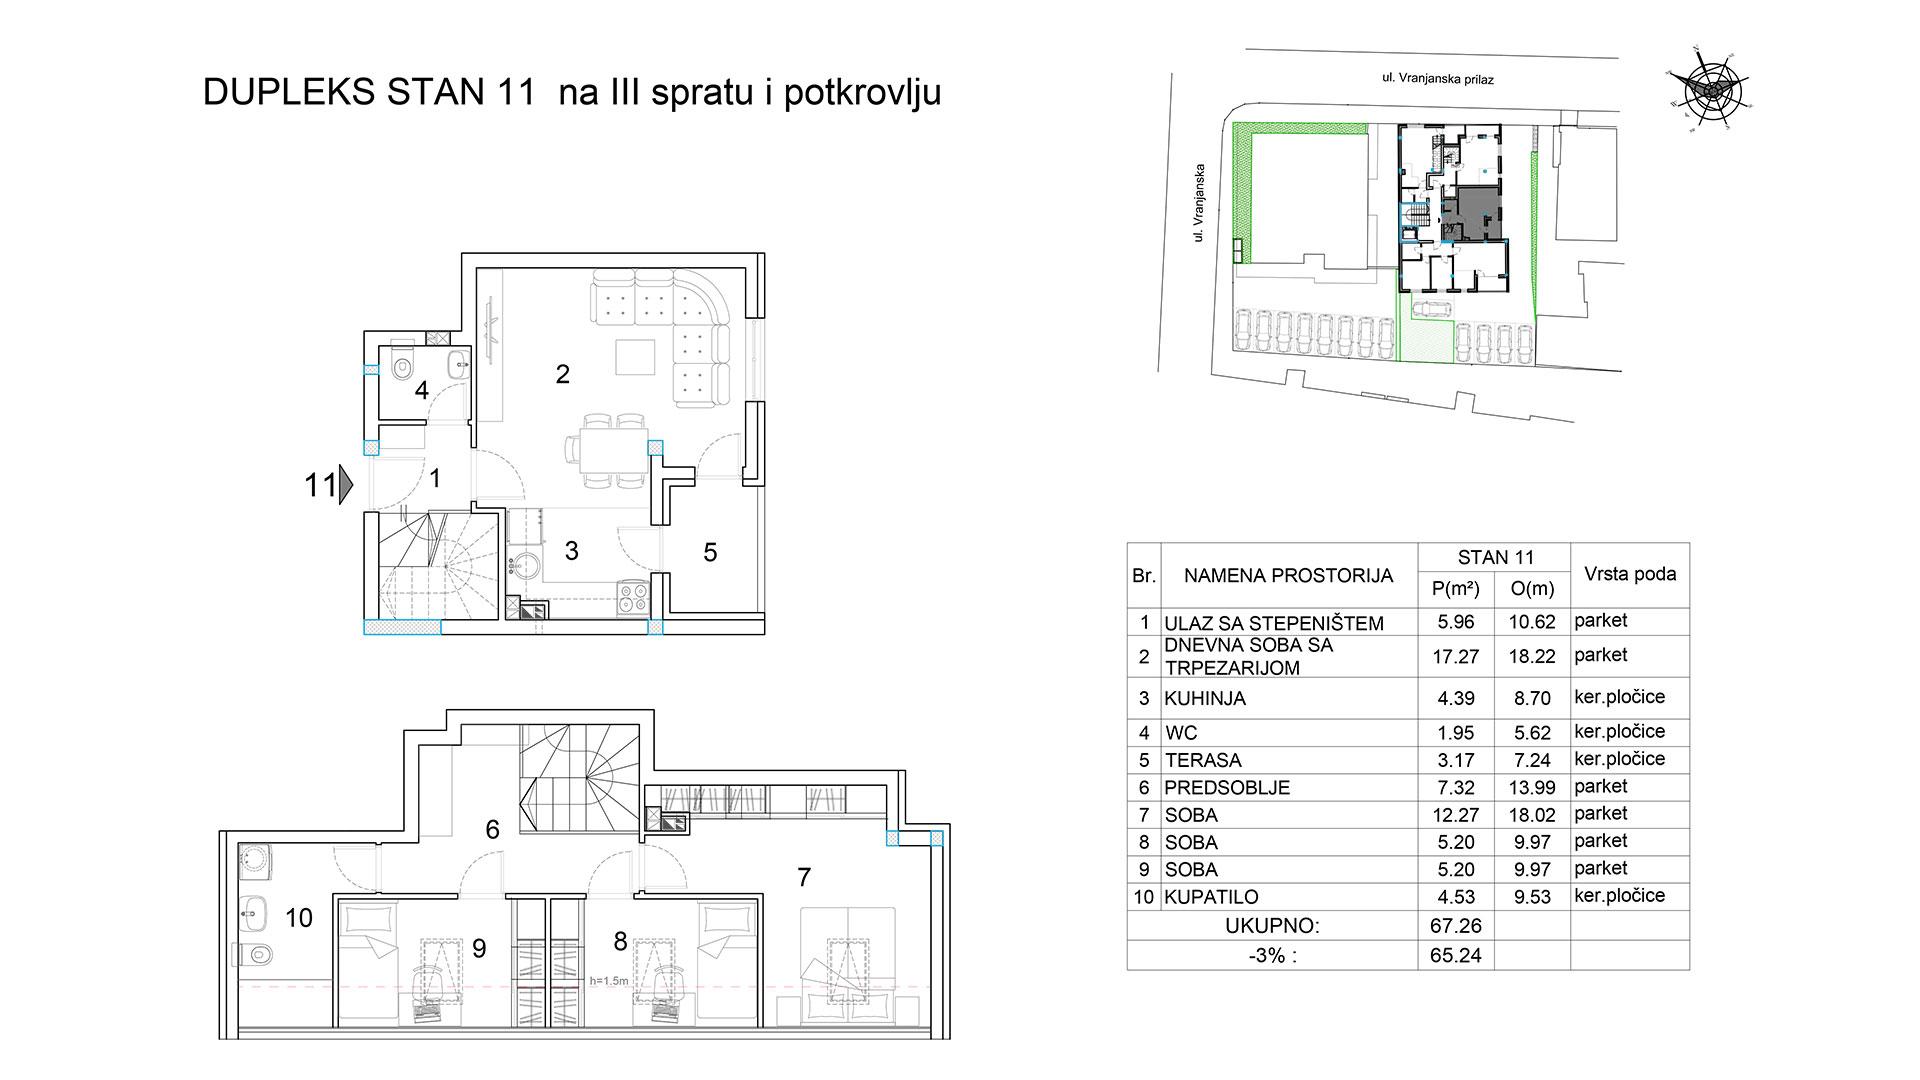 Objekat u Vranjanskoj 2A - stan 11